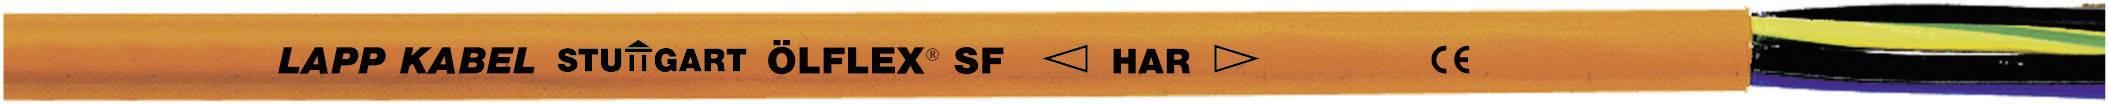 Připojovací kabel LappKabel ÖLFLEX® SF, 0027591, 3 G 0.75 mm², oranžová, 100 m